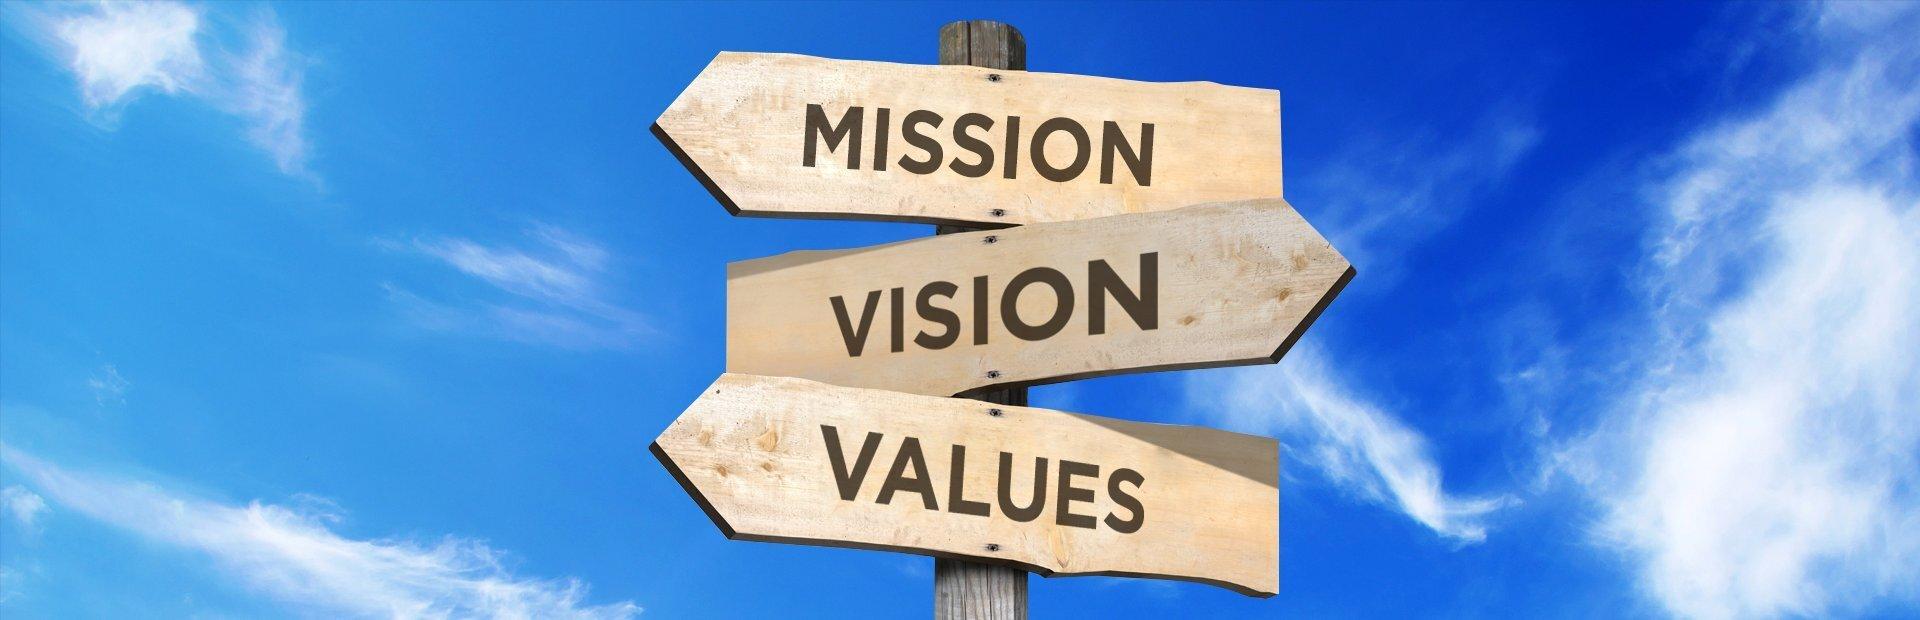 浅谈使命、愿景、价值观。